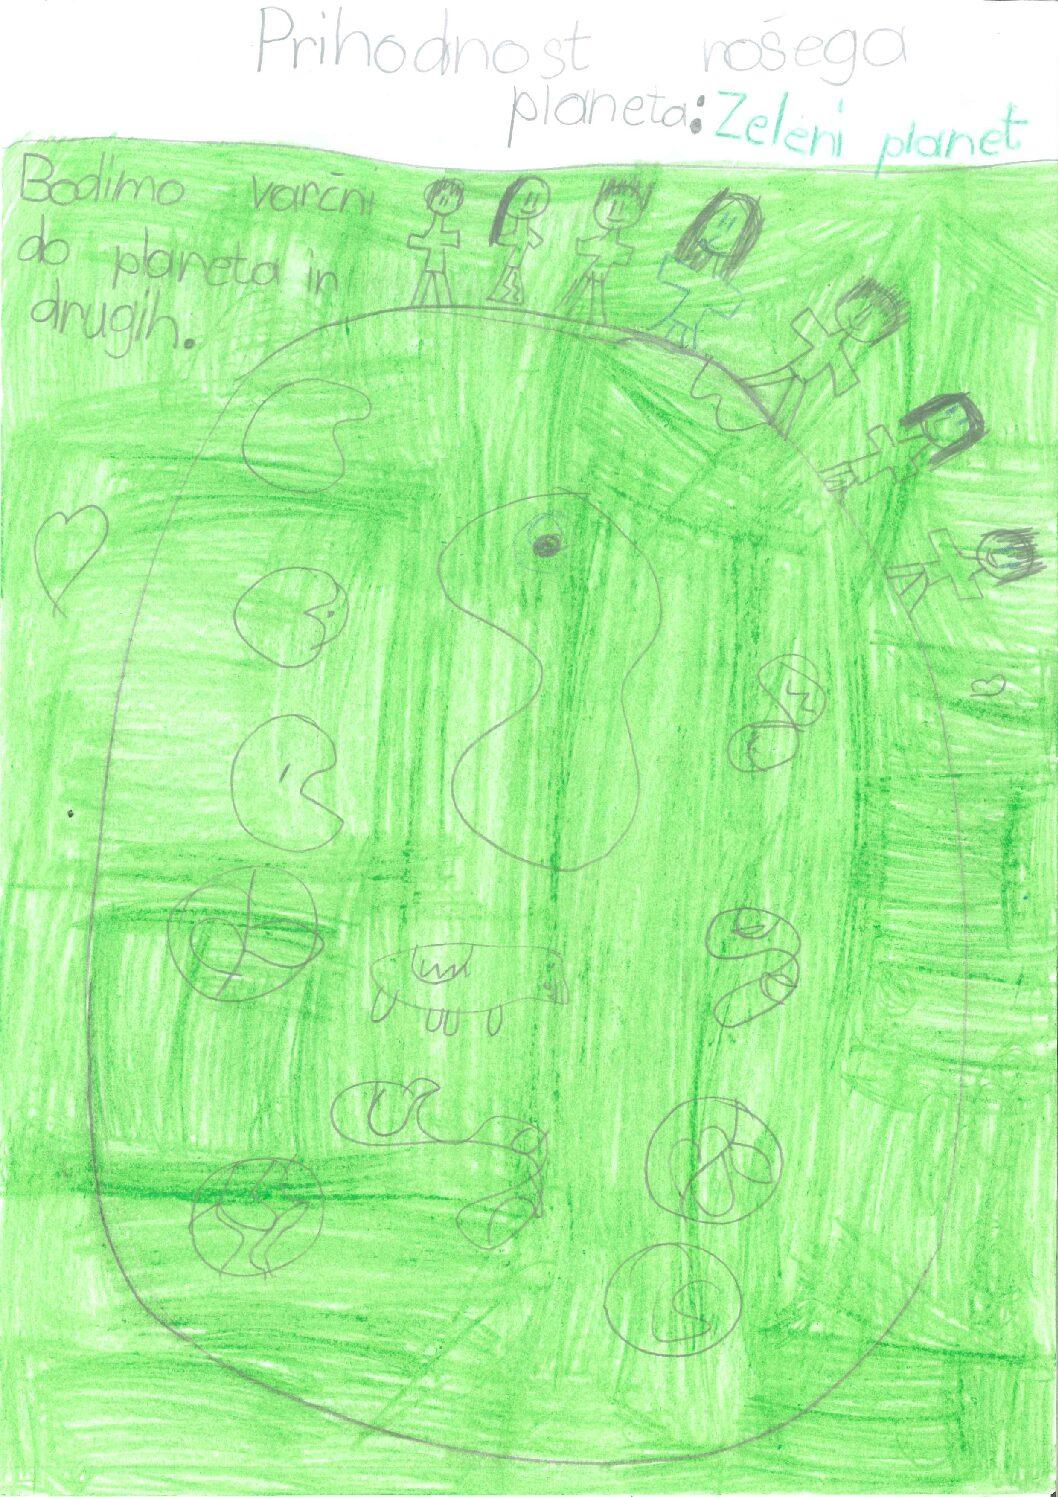 Hana Otrin: Prihodnost našega planeta - Zeleni planet planeta - Zeleni planetNA OTRIN